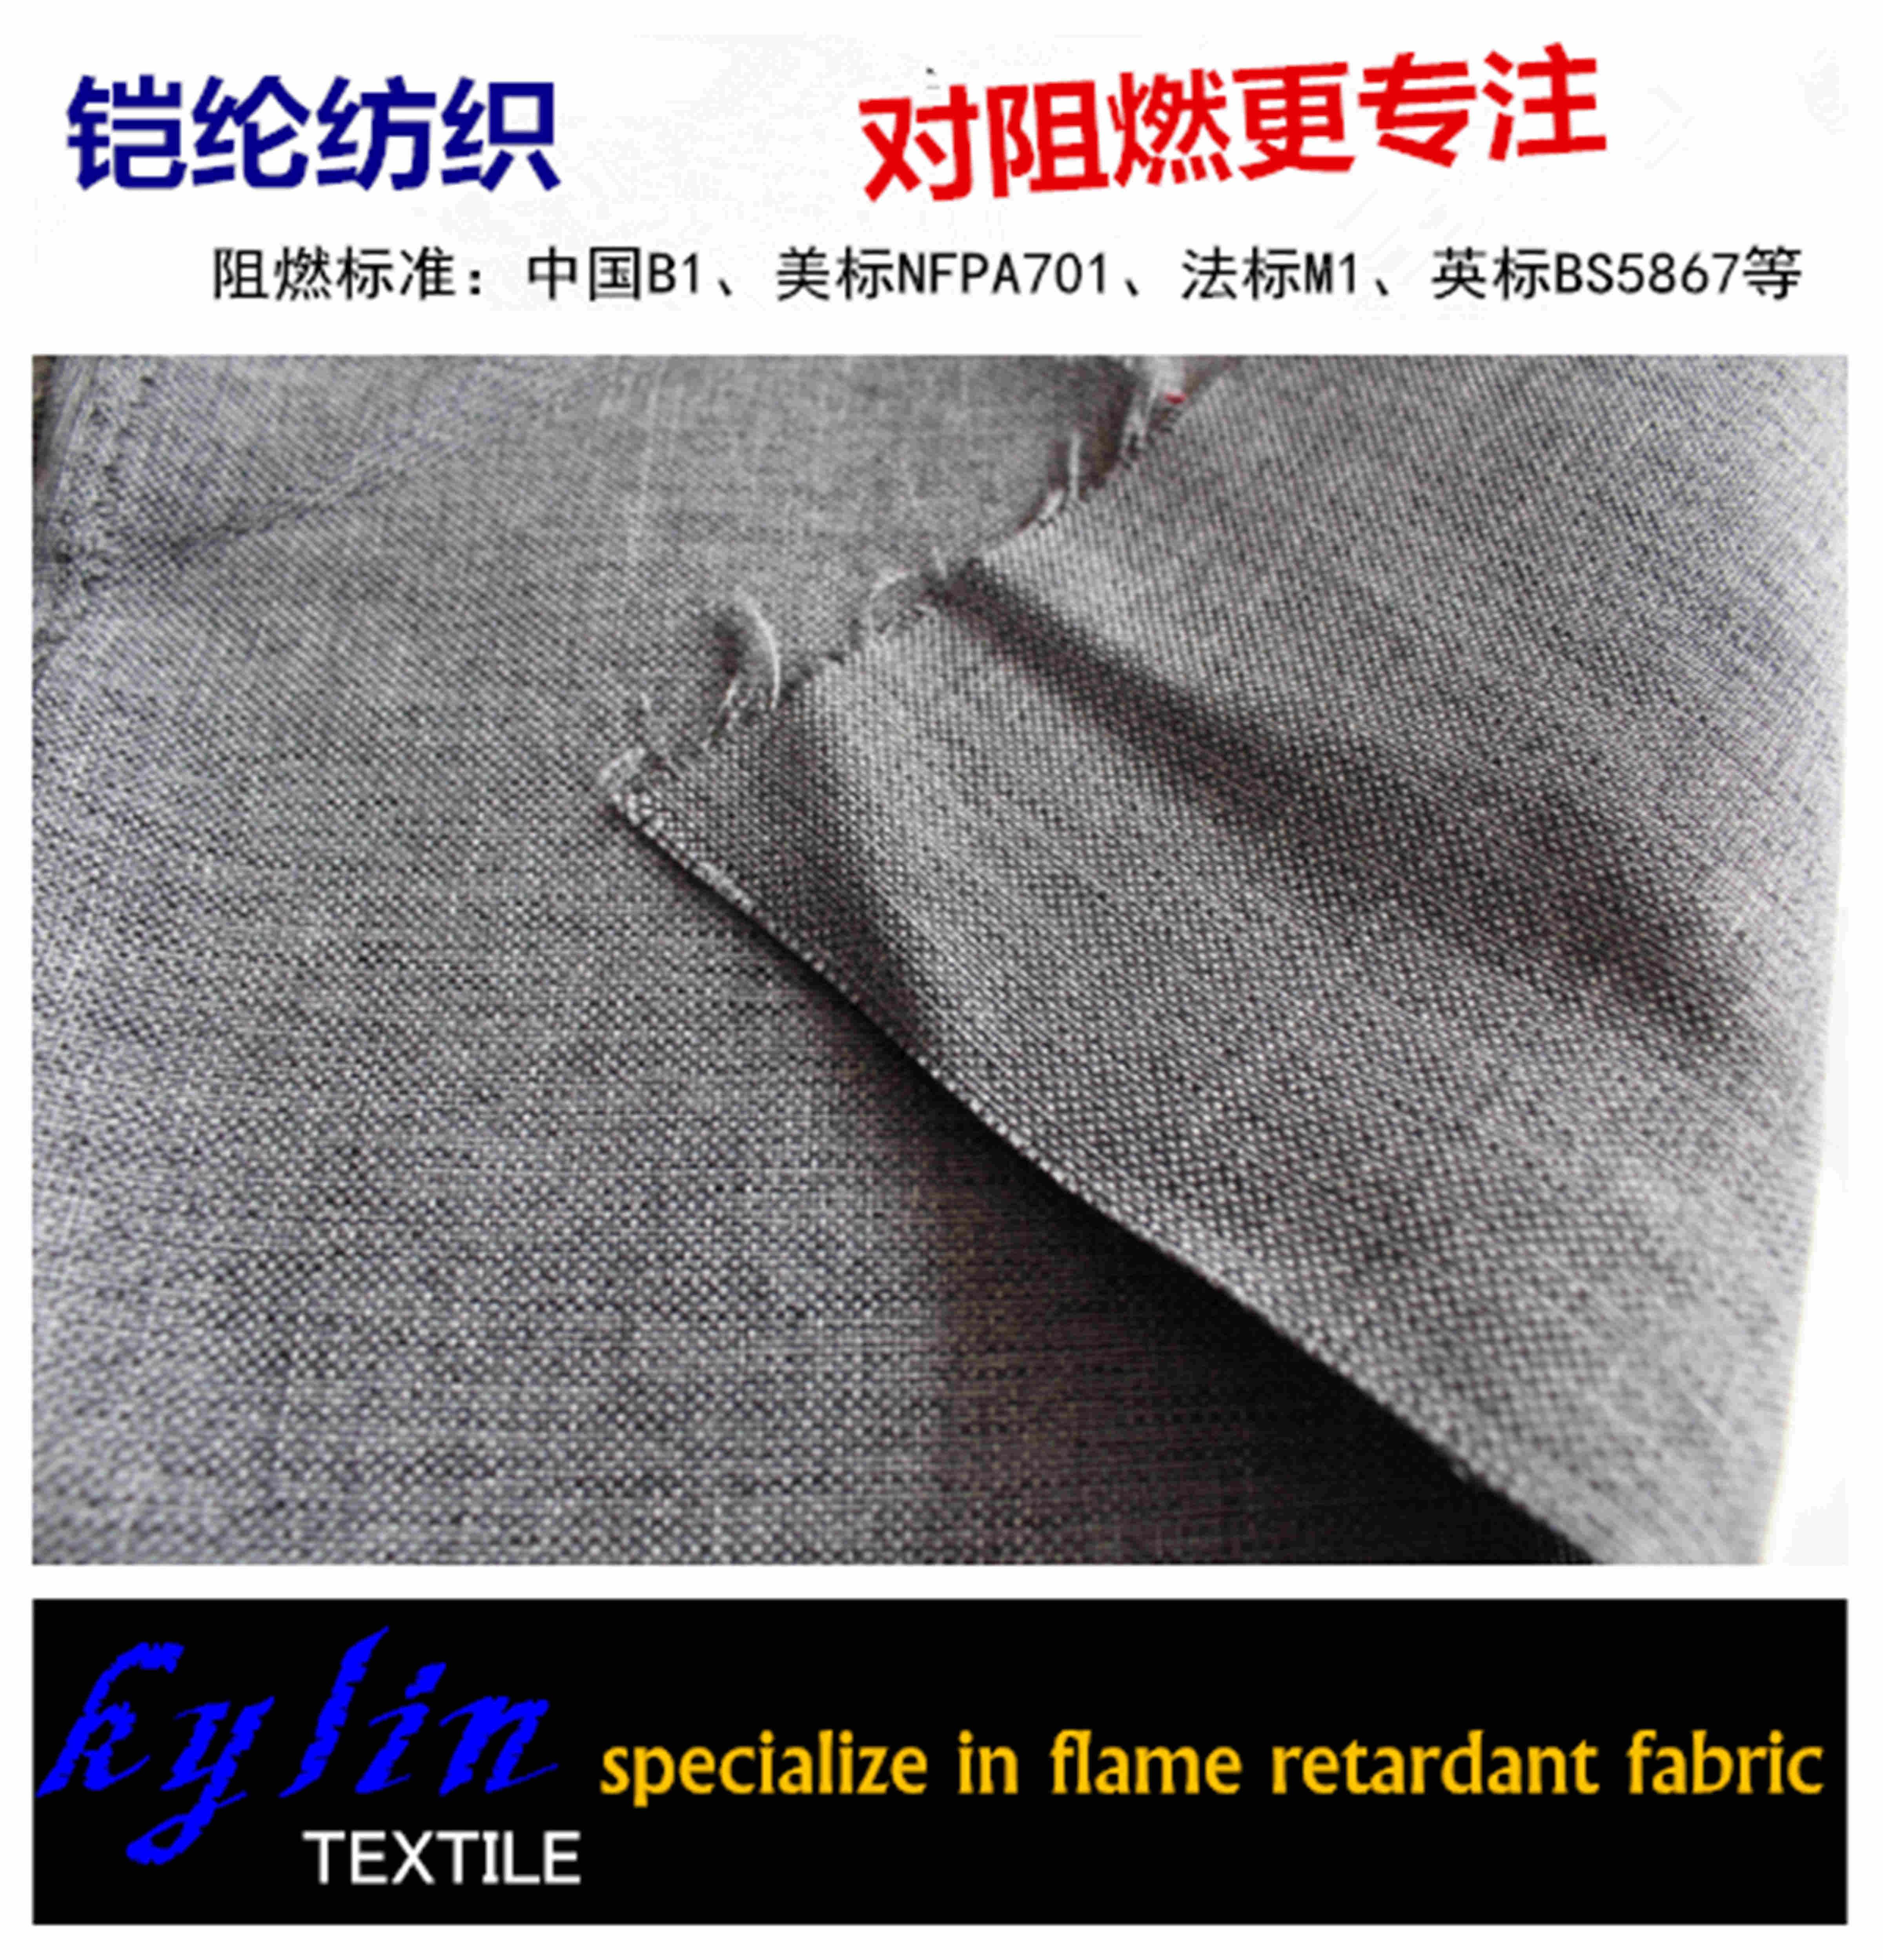 铠纶纱线阻燃阳离子仿麻遮光布 工程阻燃窗帘面料 铠纶纱线阻燃阳离子仿麻窗帘遮光布